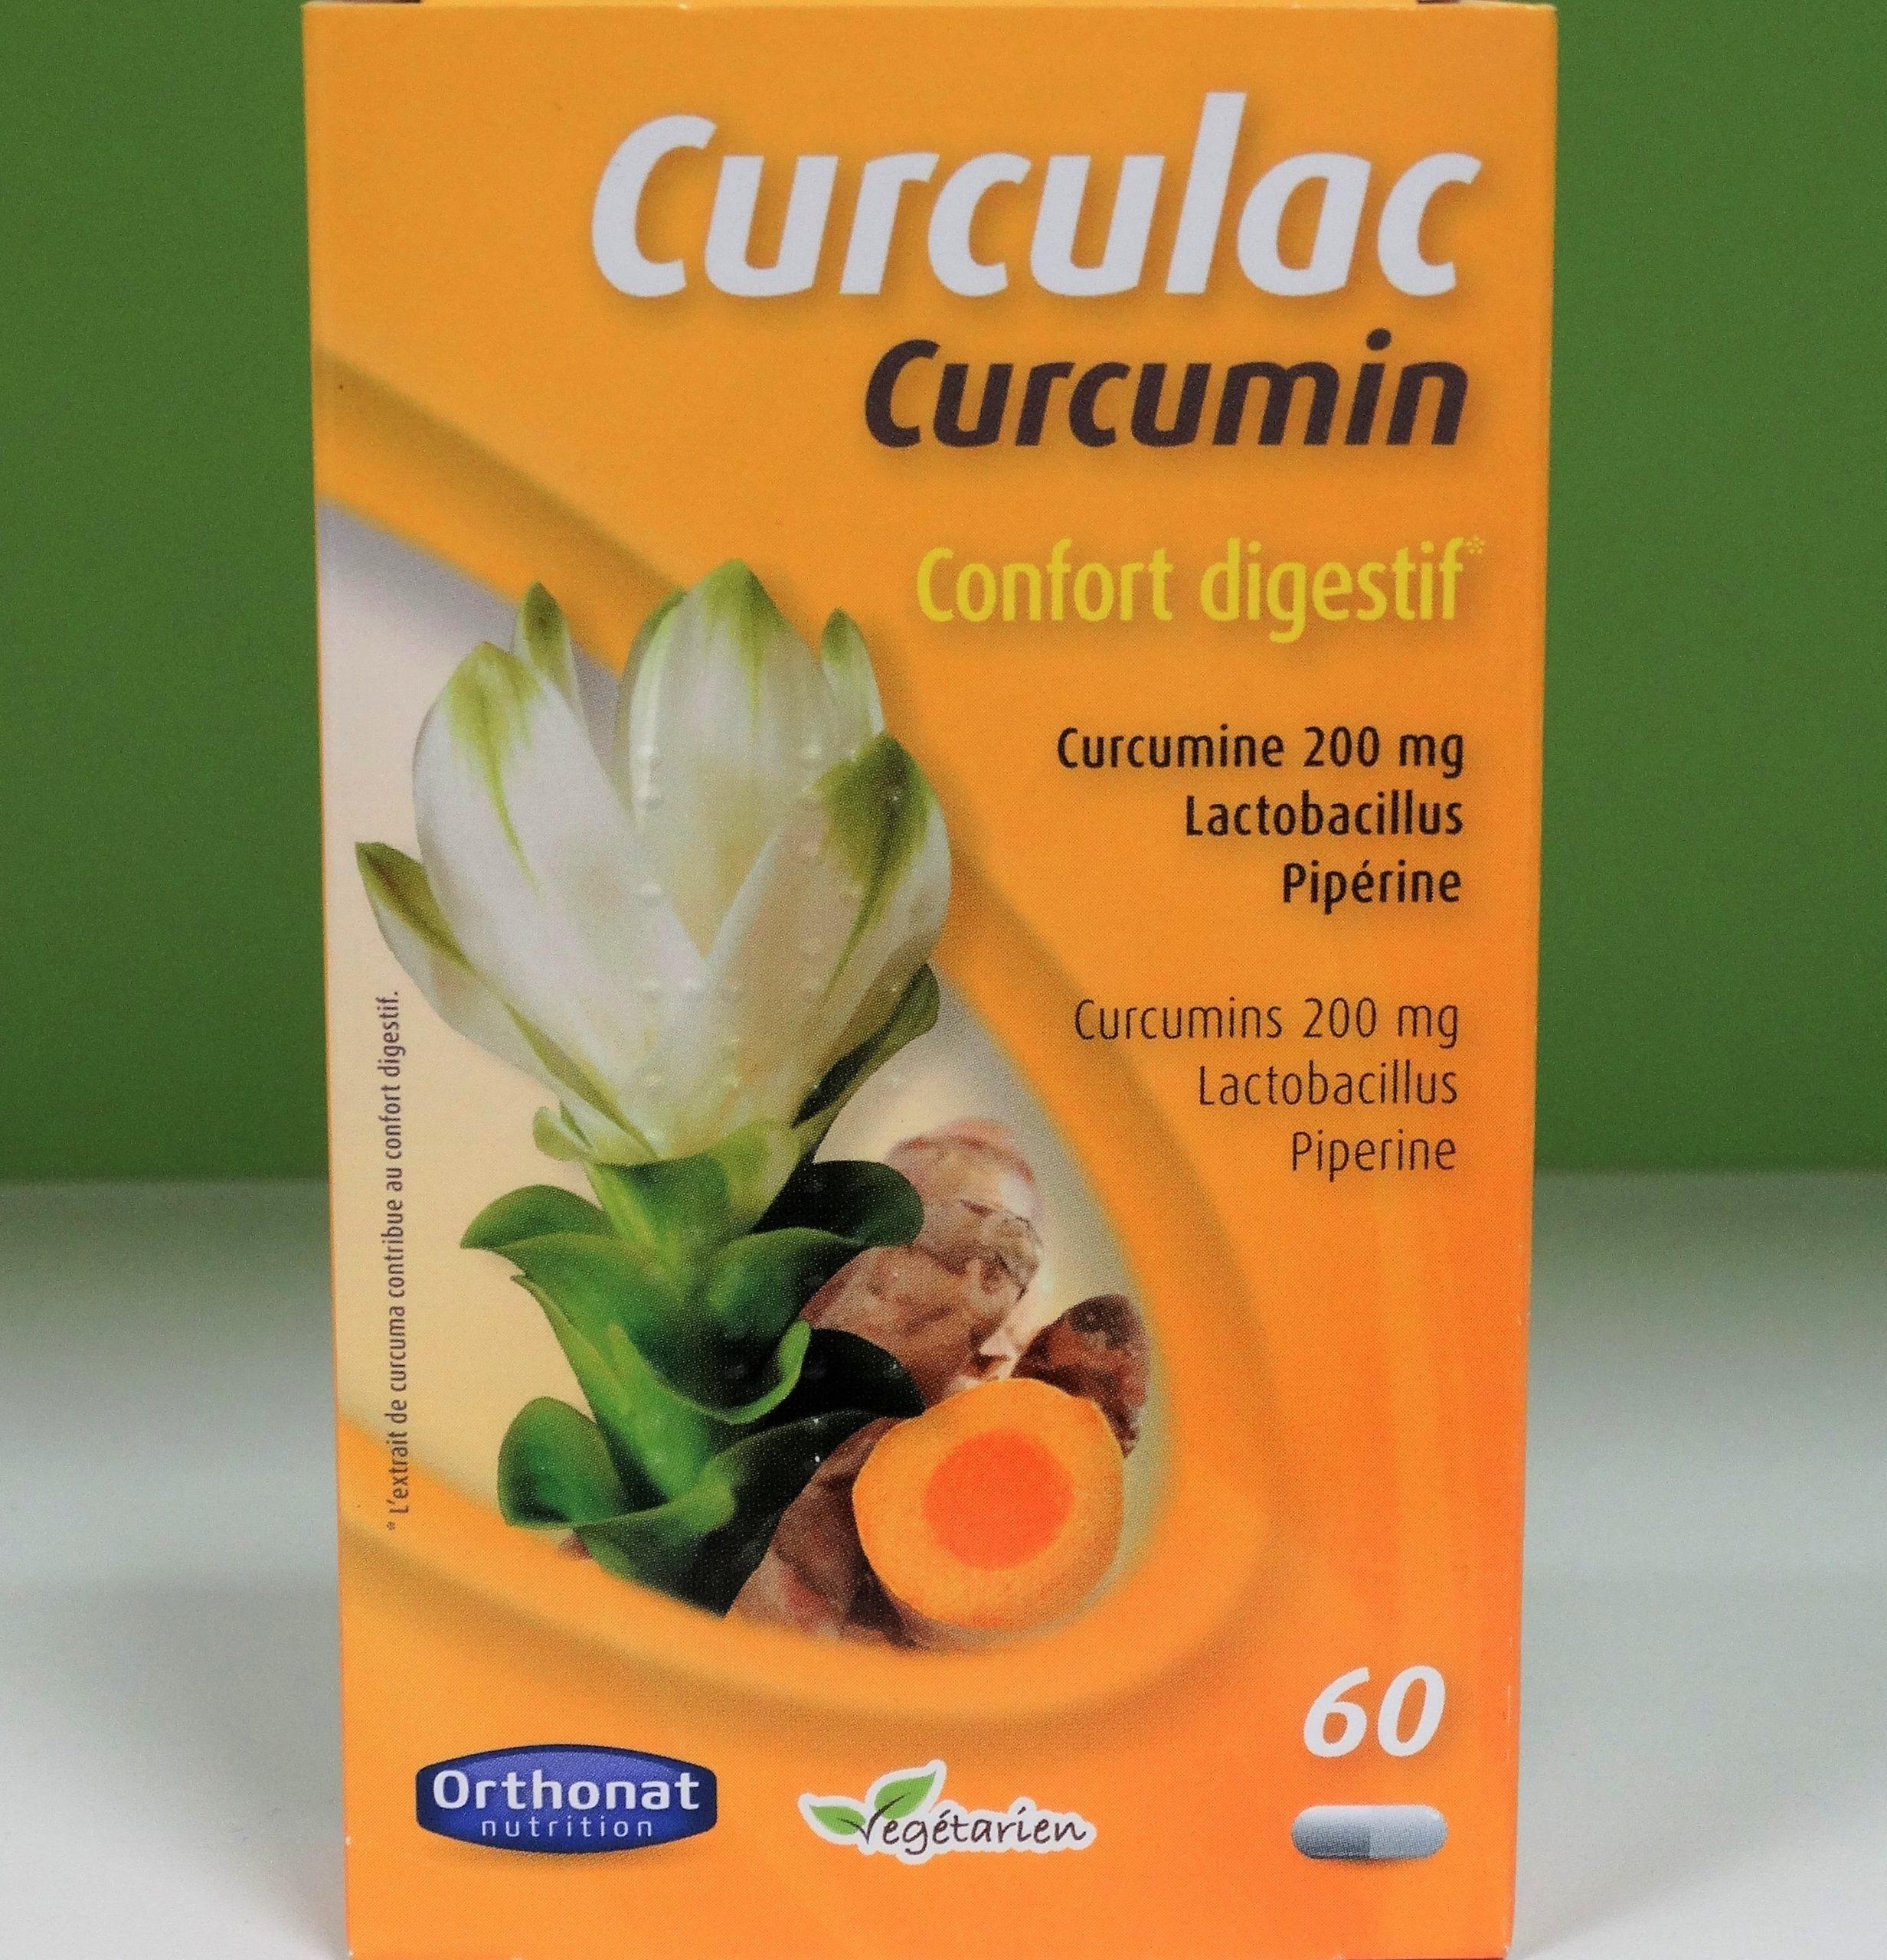 CURCULAC CÚRCUMA ORTHONAT– 236 mg extracto seco estandarizado de rizomas de Cúrcuma Longa L, equivalentes a 8,3 gr de raíz, (35:1) que contienen 200,6 mg de curcuminoides con una importante biodisponibilidad.